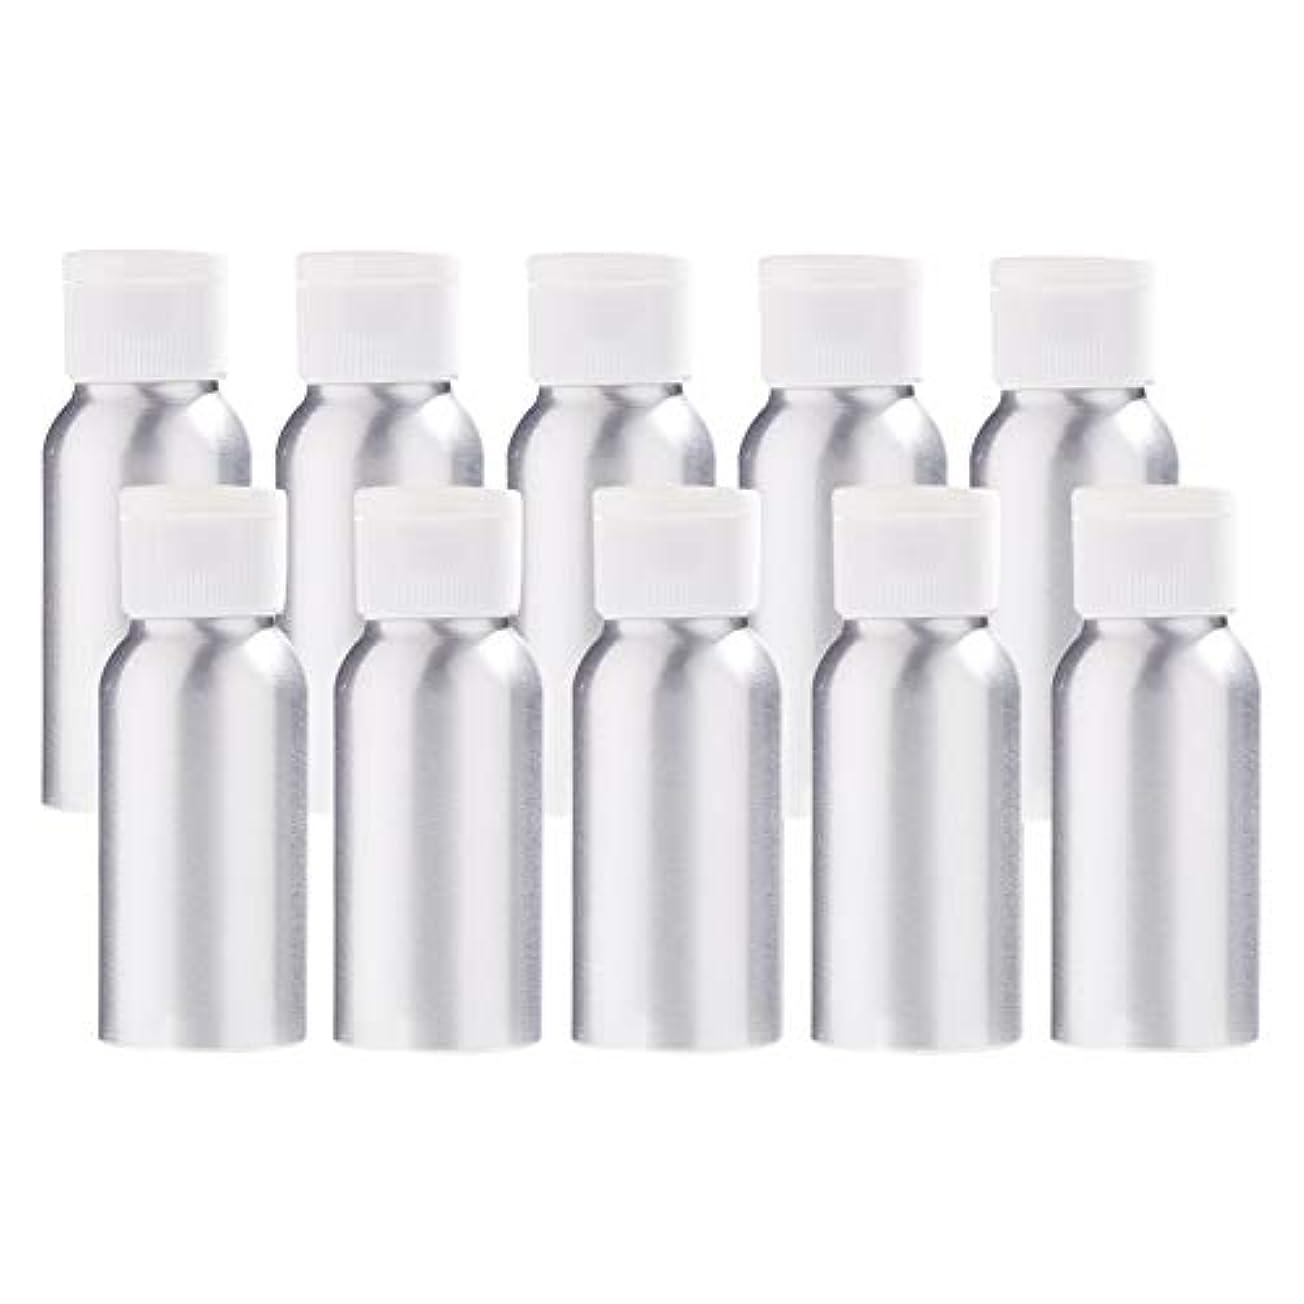 タオル処方みBENECREAT 10個セット50mlアルミボトル フリップカバー空瓶 防錆 遮光 軽量 化粧品 アロマ 小分け 詰め替え 白いプラスチック蓋